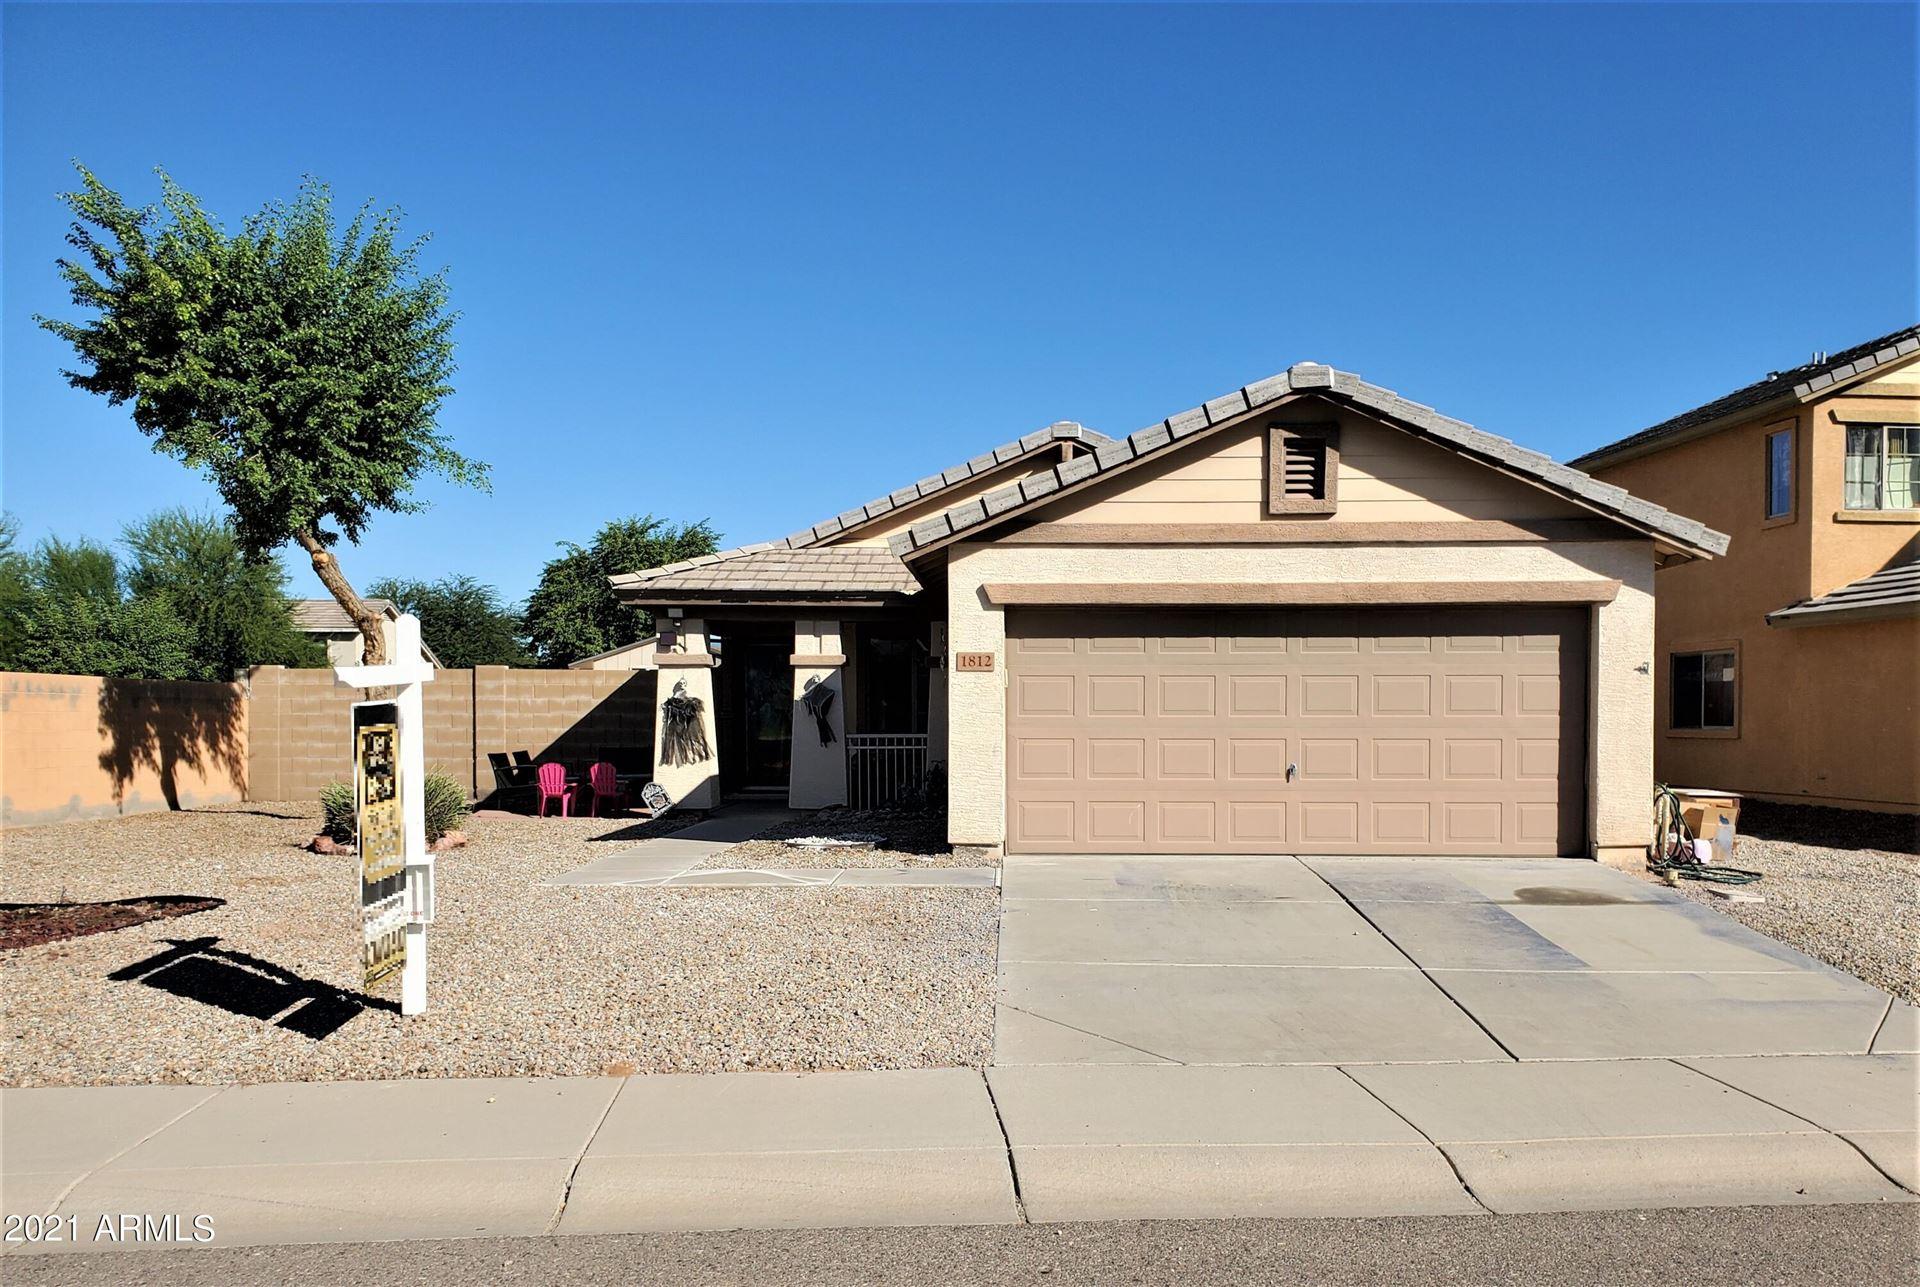 1812 W PROSPECTOR Way, Queen Creek, AZ 85142 - #: 6305507